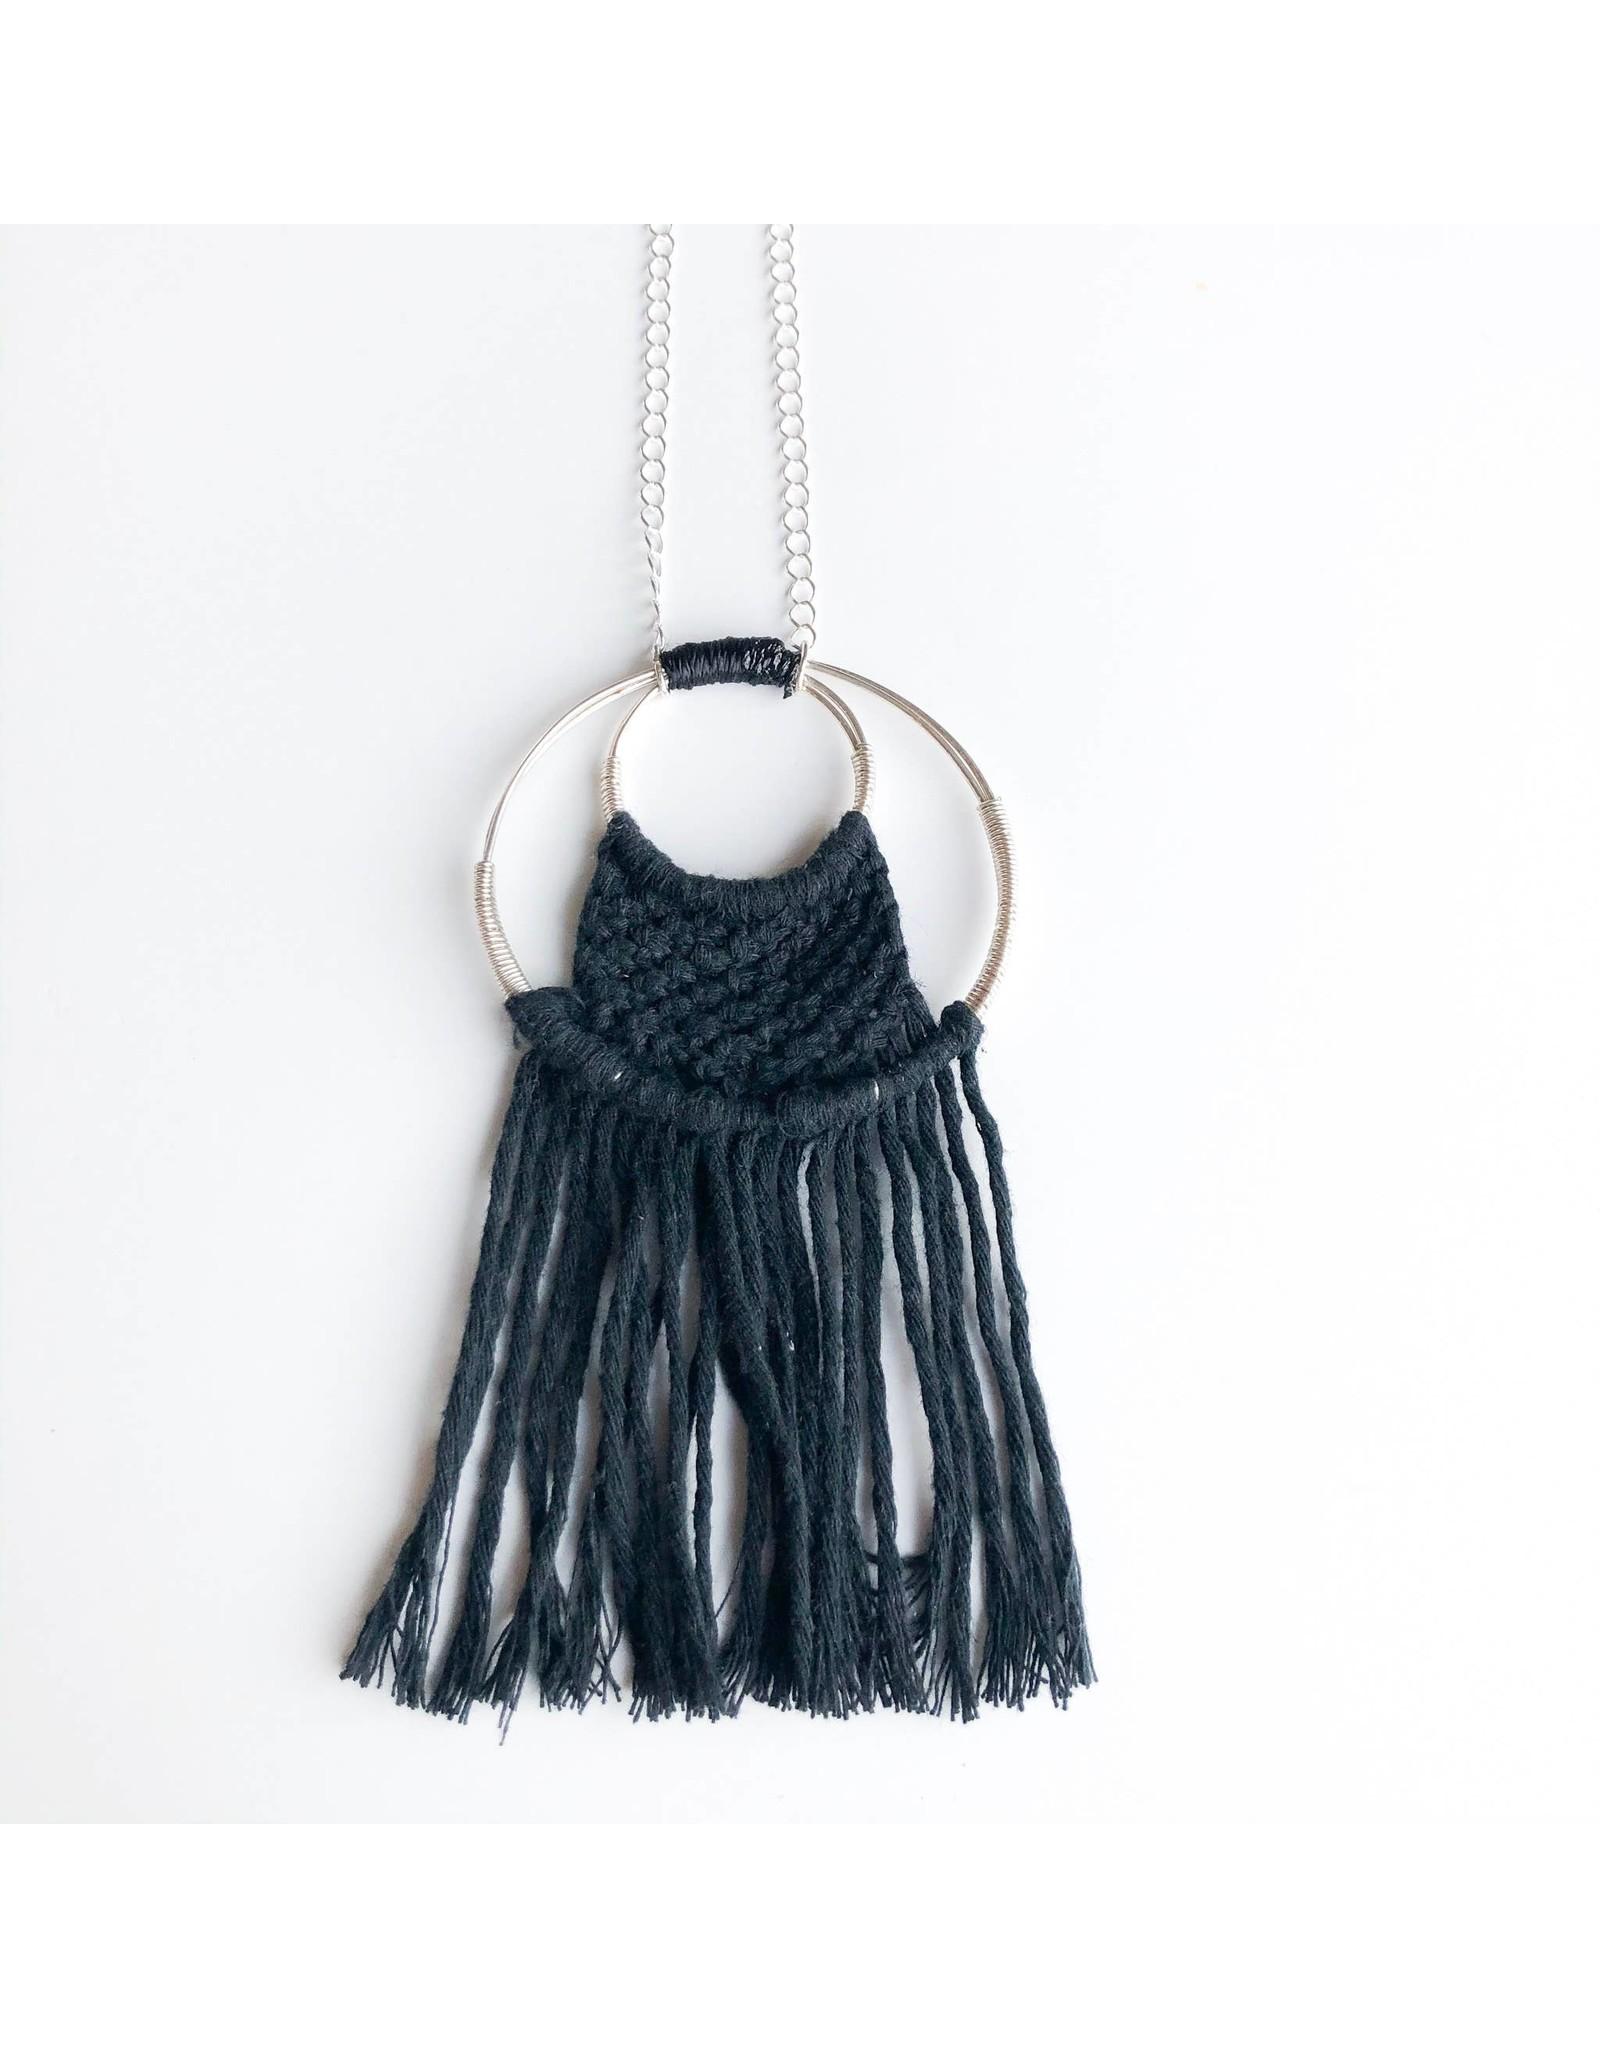 Hugg Mission Market Dream Catcher Sterling Silver Pendant - Black